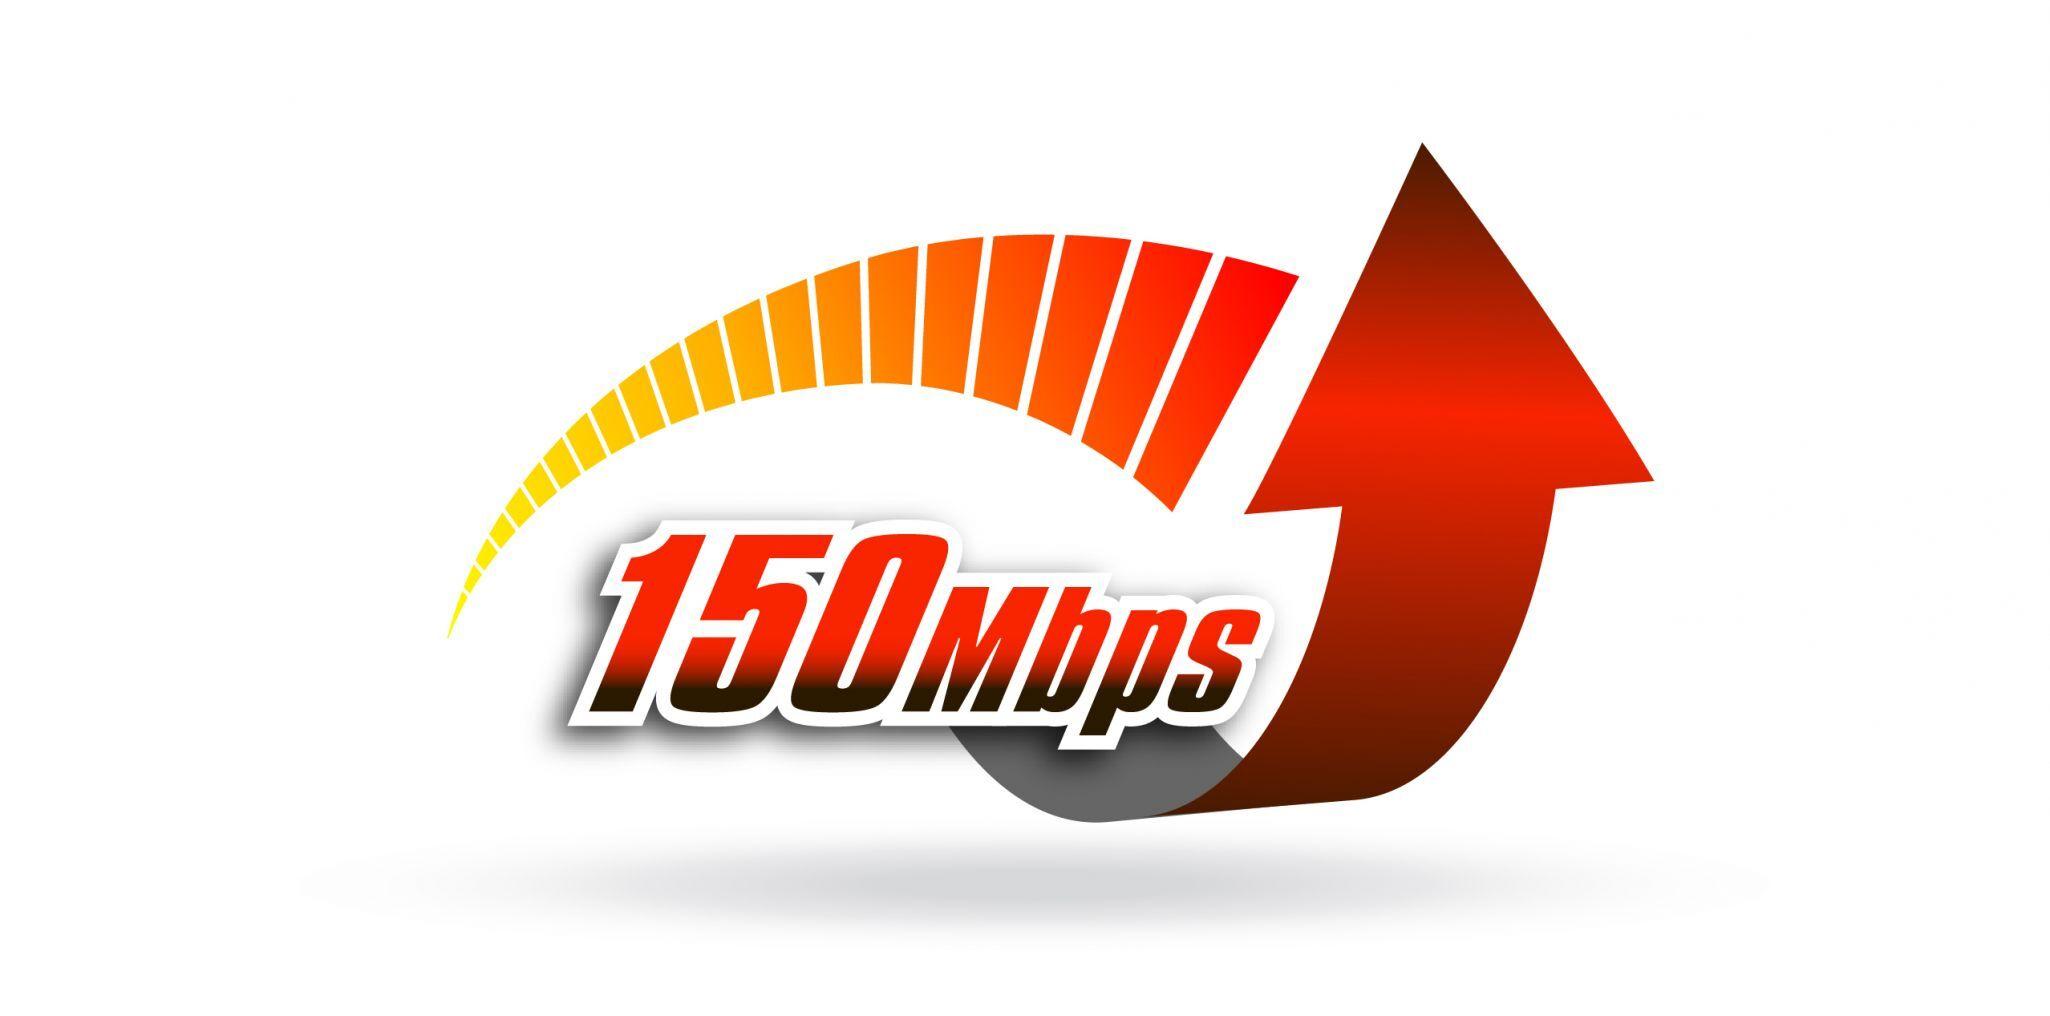 150Mbps